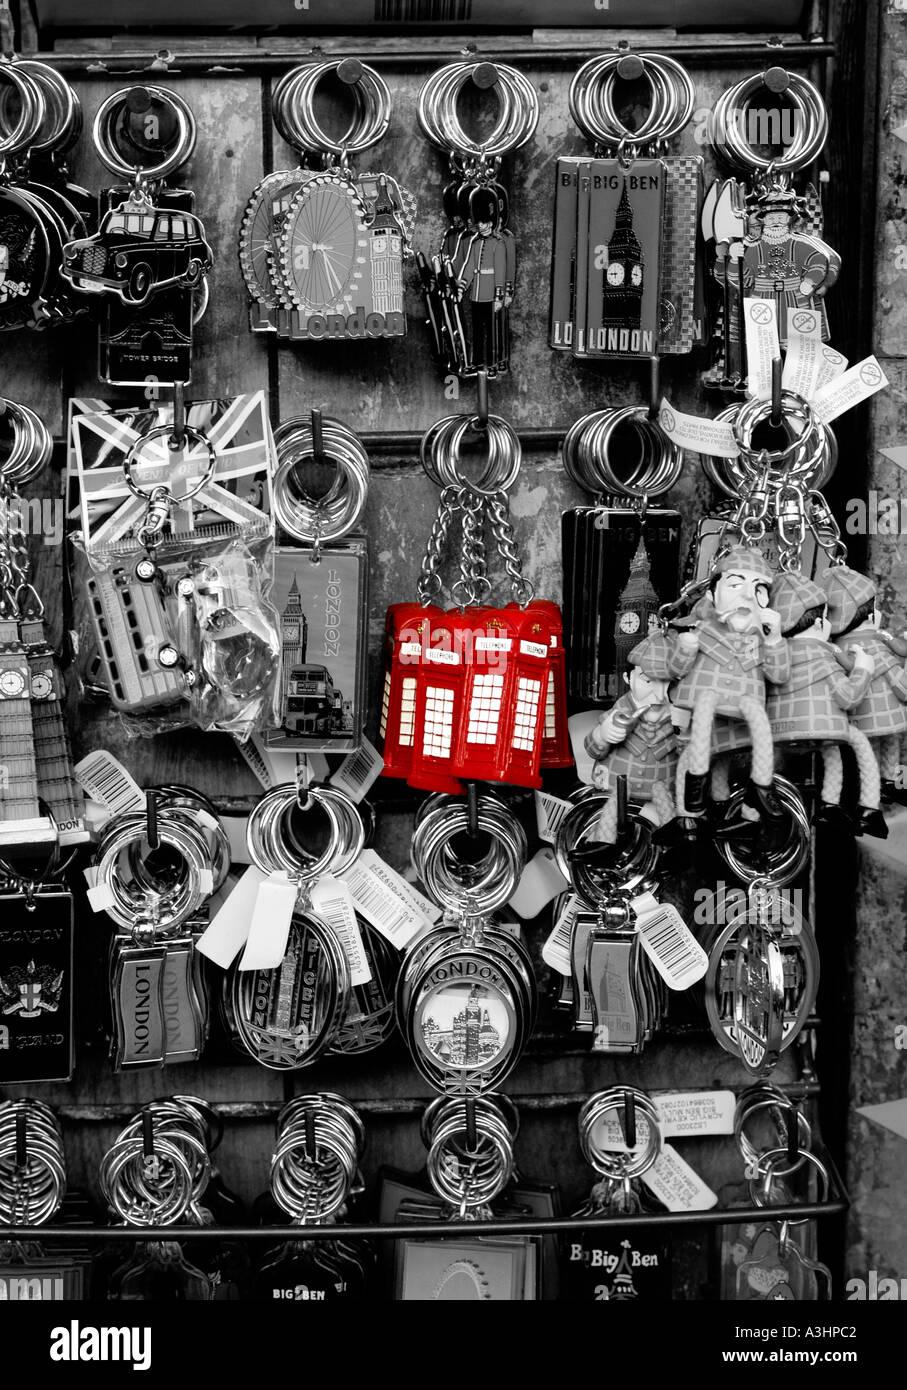 Anelli portachiavi raffiguranti famosi punti di riferimento di Londra sulla vendita ai turisti su una strada di commercianti stallo in Londra, Regno Unito. Immagini Stock